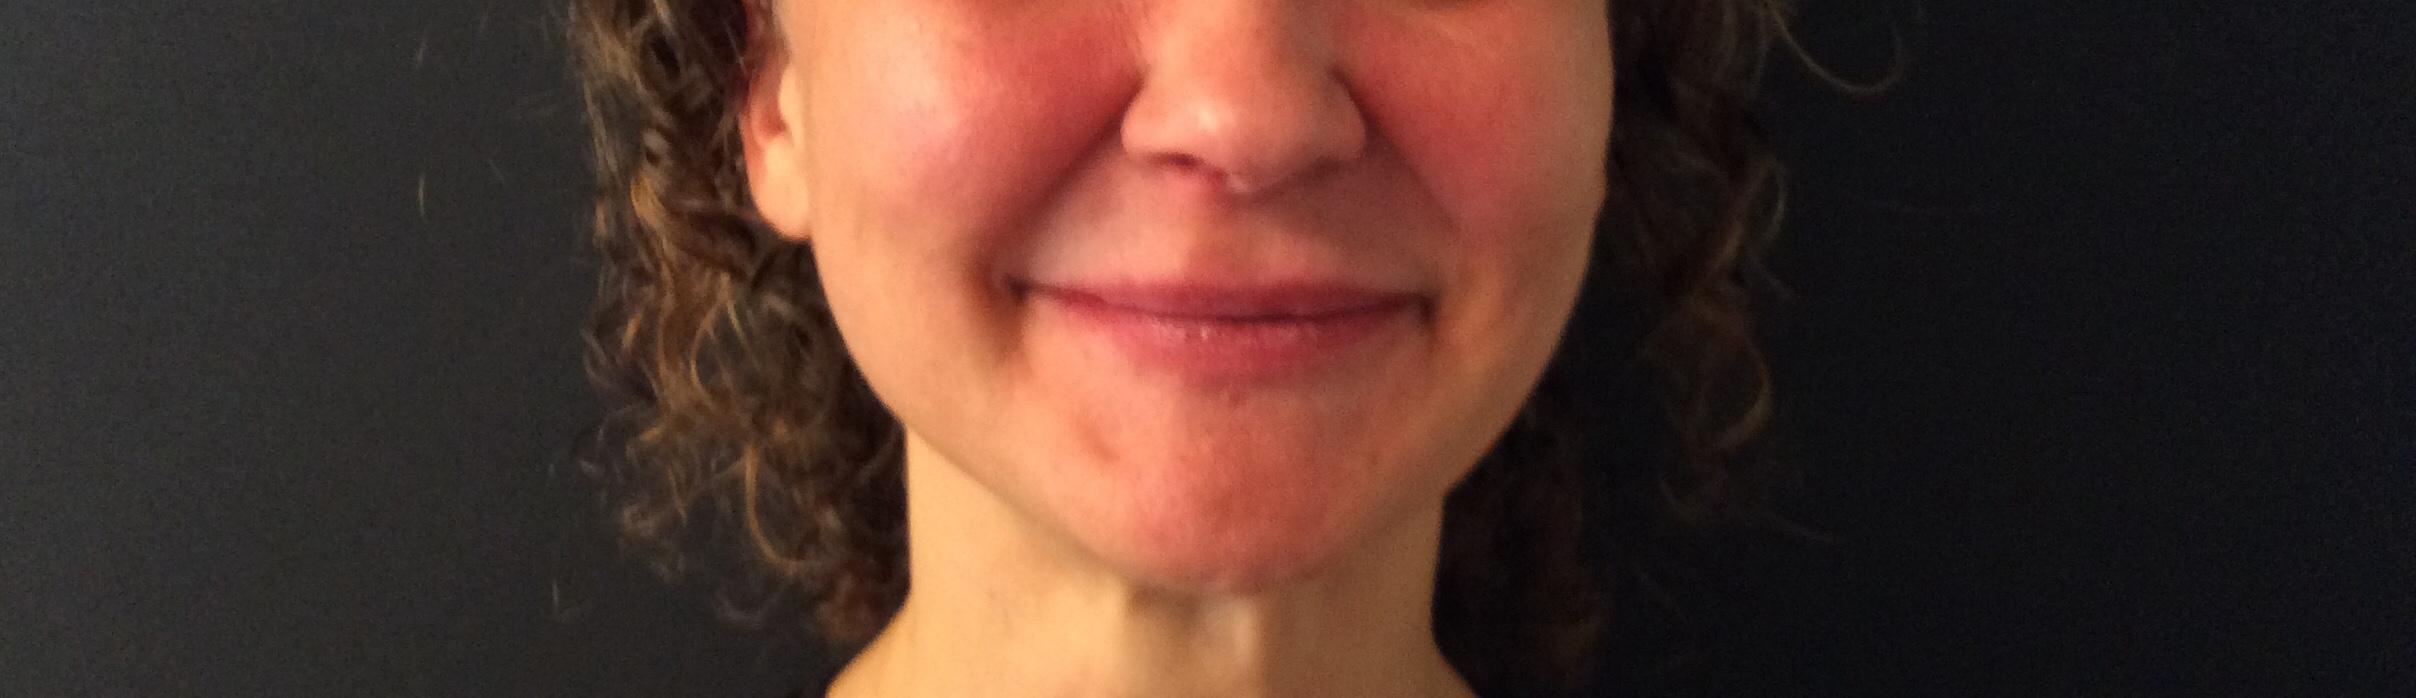 Efter Belotero-Revive behandling af kinder